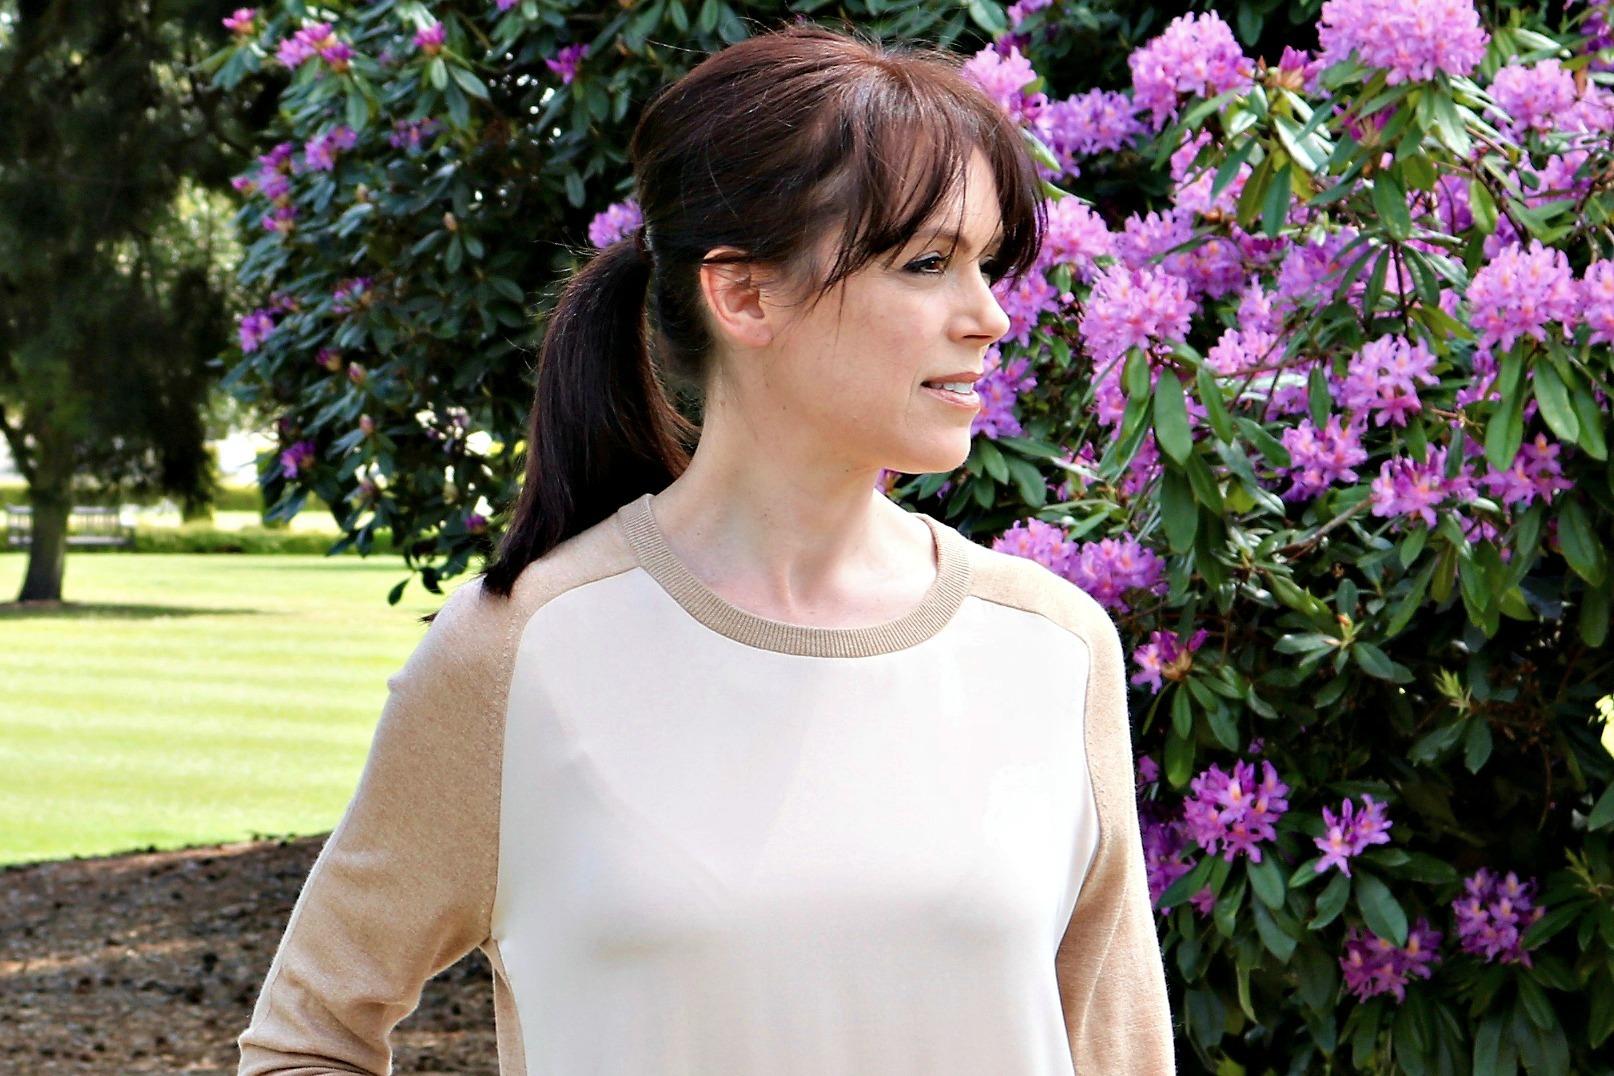 http://www.winserlondon.com/ss17-winser-london-sale/silk-front-knit-tunic-top.html